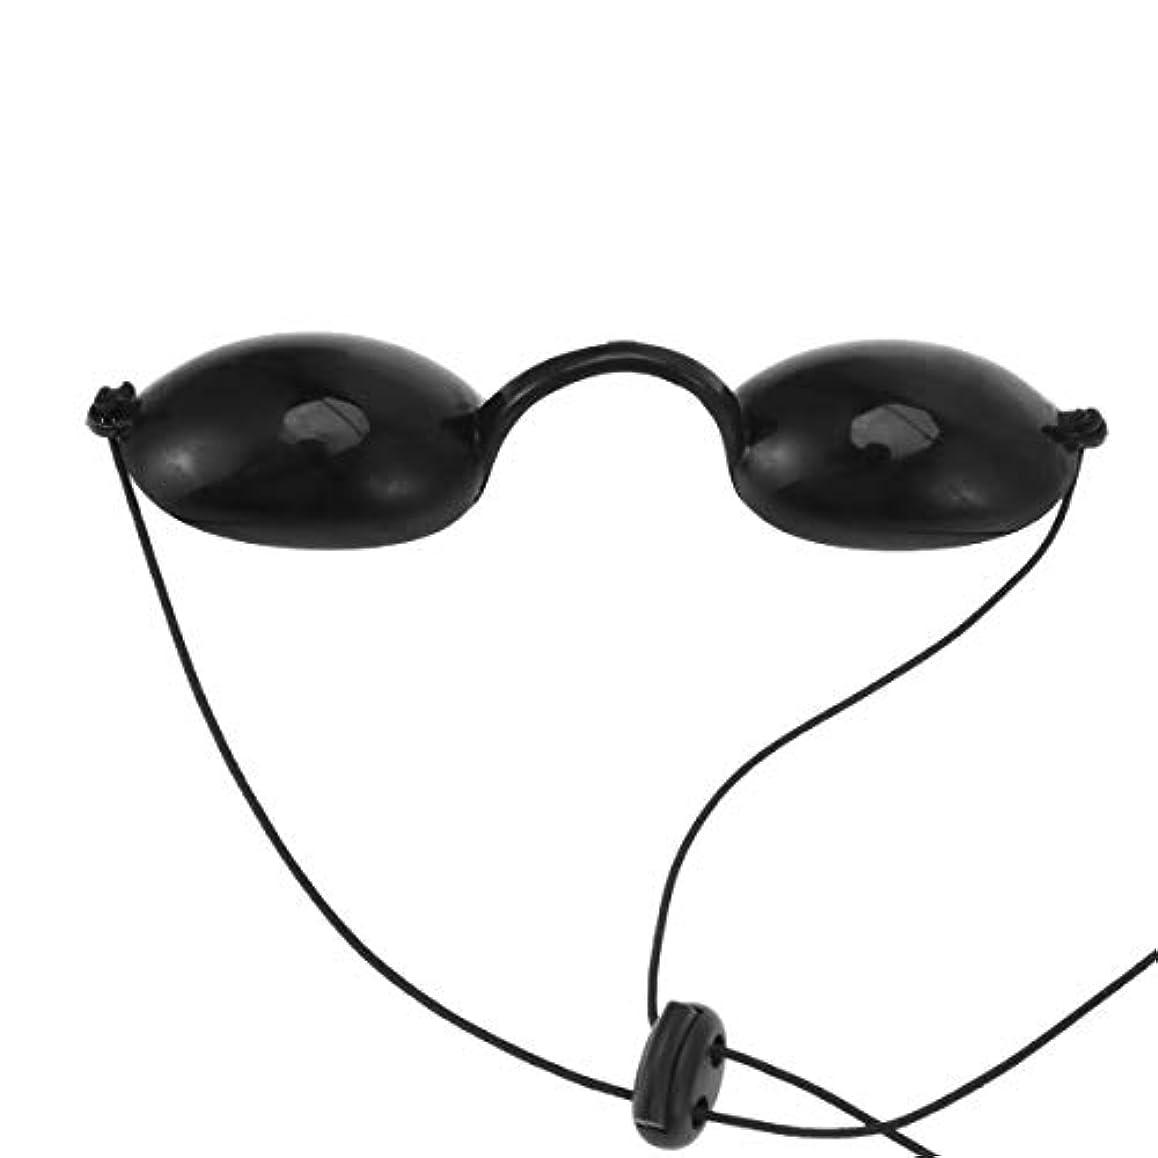 難しい鈍い壁紙Healifty 眼用保護具日焼け止めゴーグル不透明保護メガネアイシールドスペシャル(目黒)